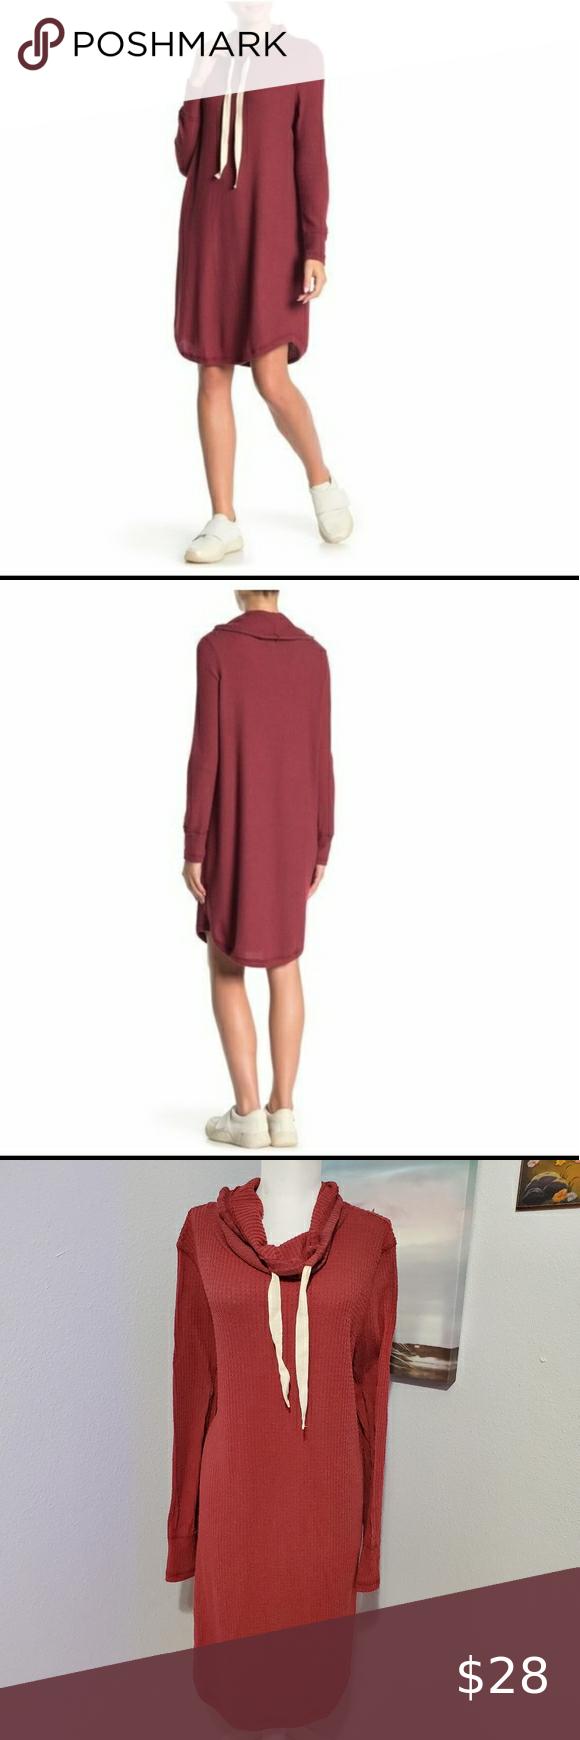 Susina Waffle Knit Dress Size Xlarge Knit Dress Waffle Knit Pullover Styling [ 1740 x 580 Pixel ]